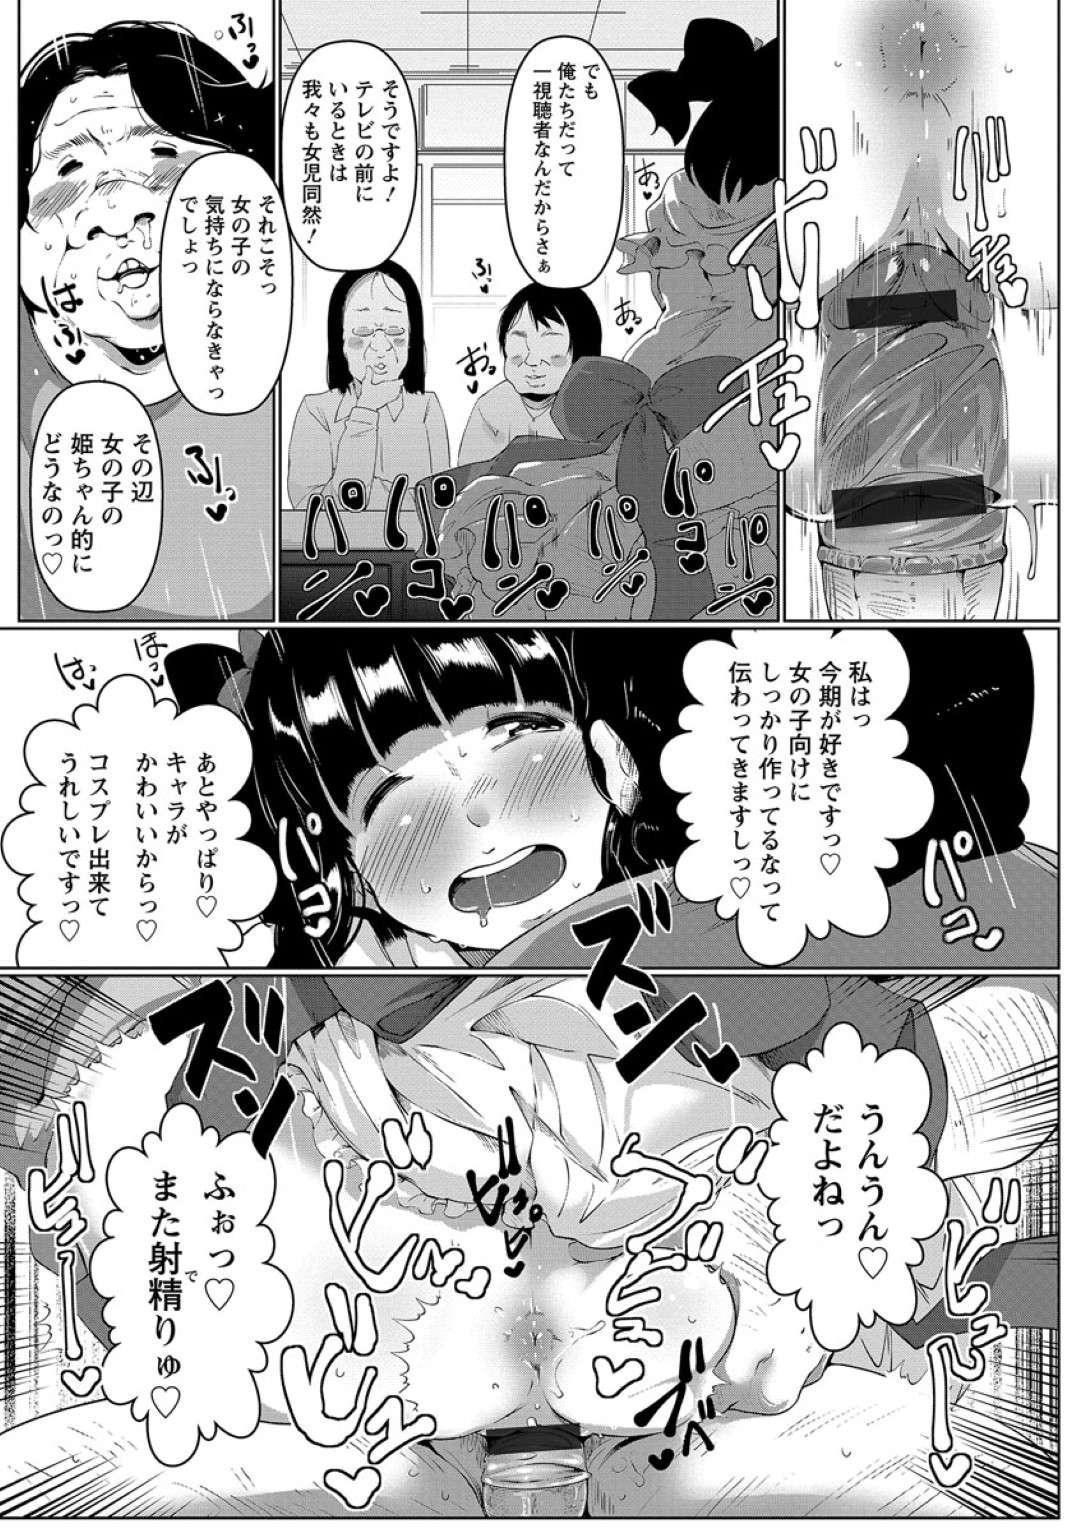 【エロ漫画】うっかりオタクだらけのサークルに入ってしまったムチムチ清楚系JD。オタクたちに欲情されてしまった彼女は断りきれなずにフェラしたり、足コキさせられたりして精子まみれにされる!